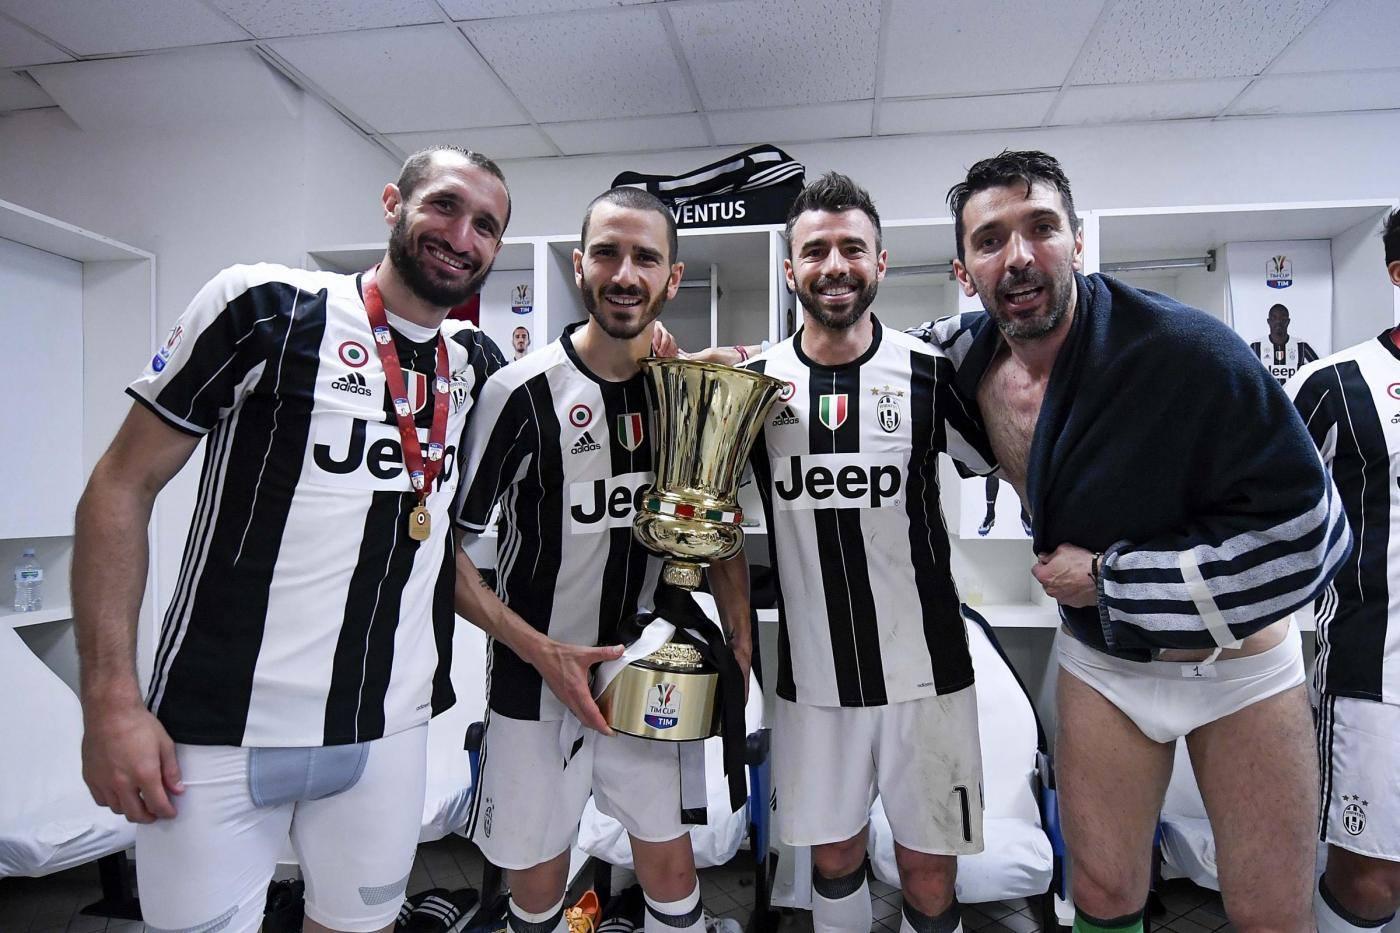 [COPPA] Juventus - Lazio, 2017.05.17. 21:00 Digi1 Bbc